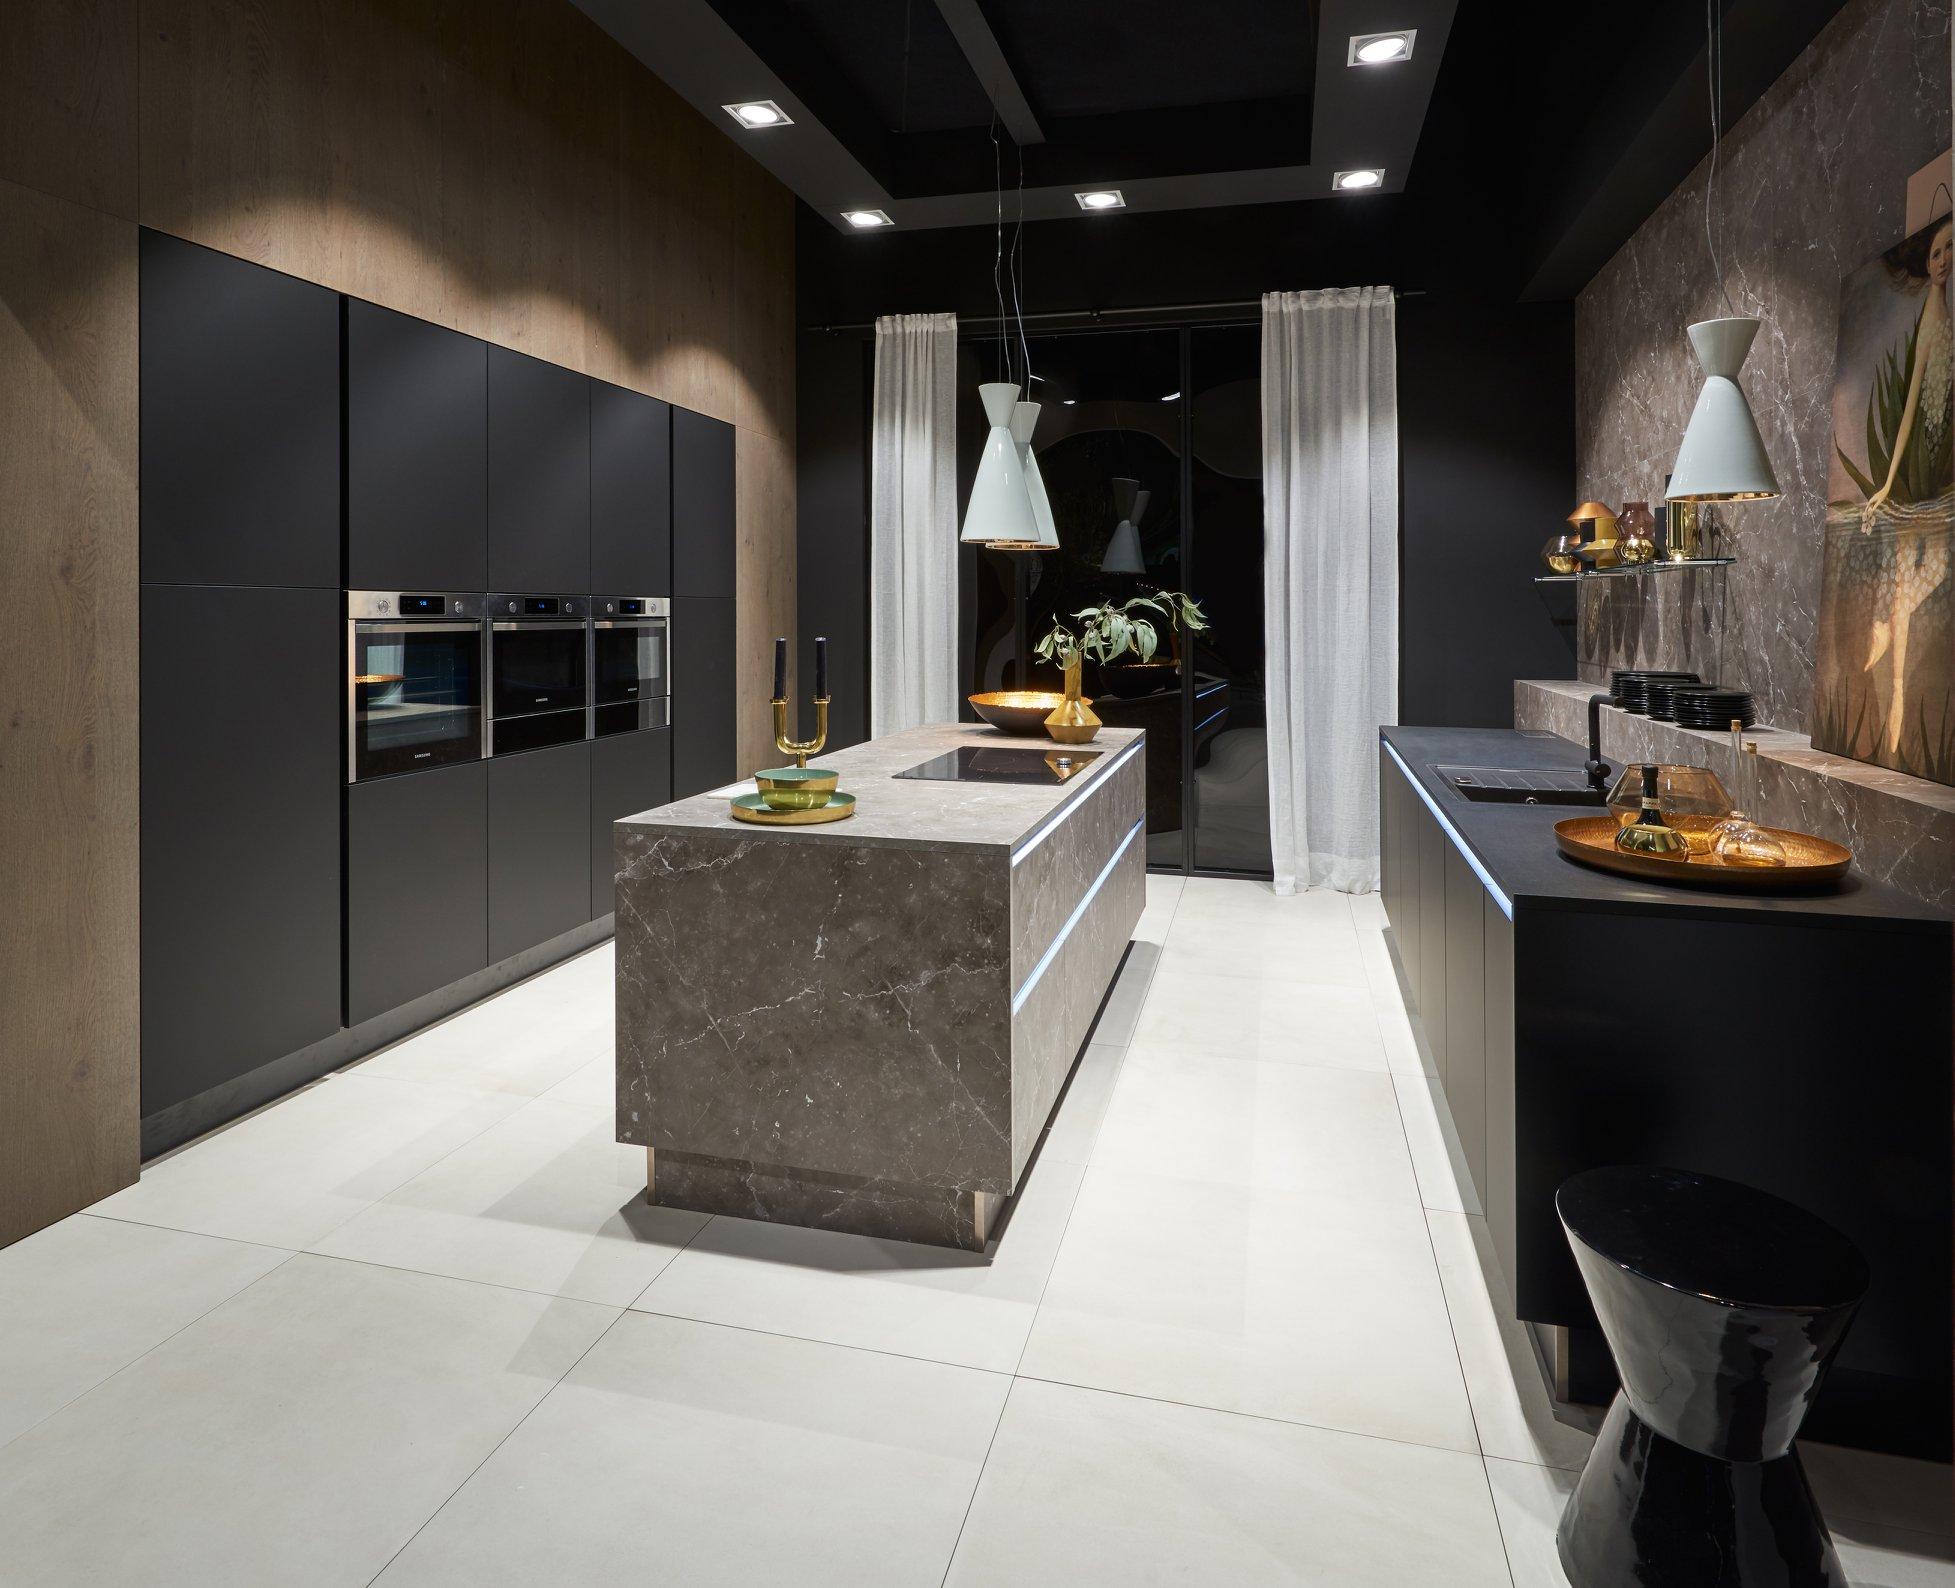 La cuisine et les murs d'armoires